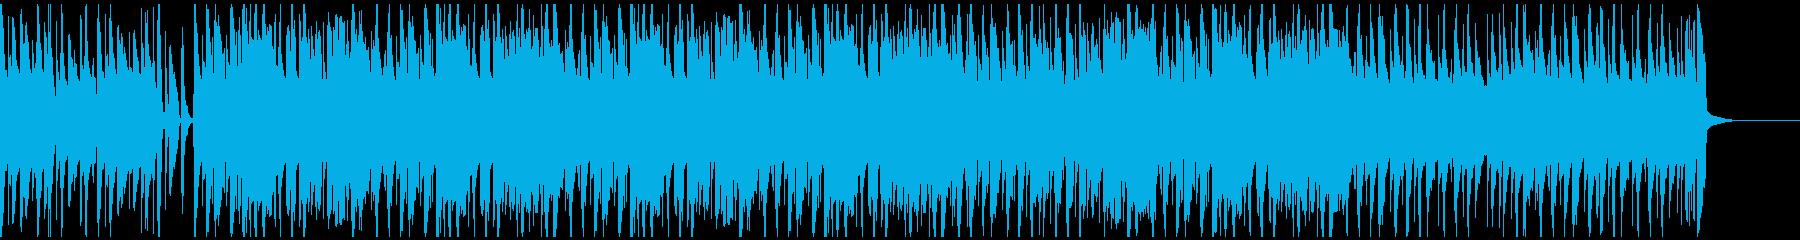 ウクレレと口笛のシンプルで明るいBGMの再生済みの波形